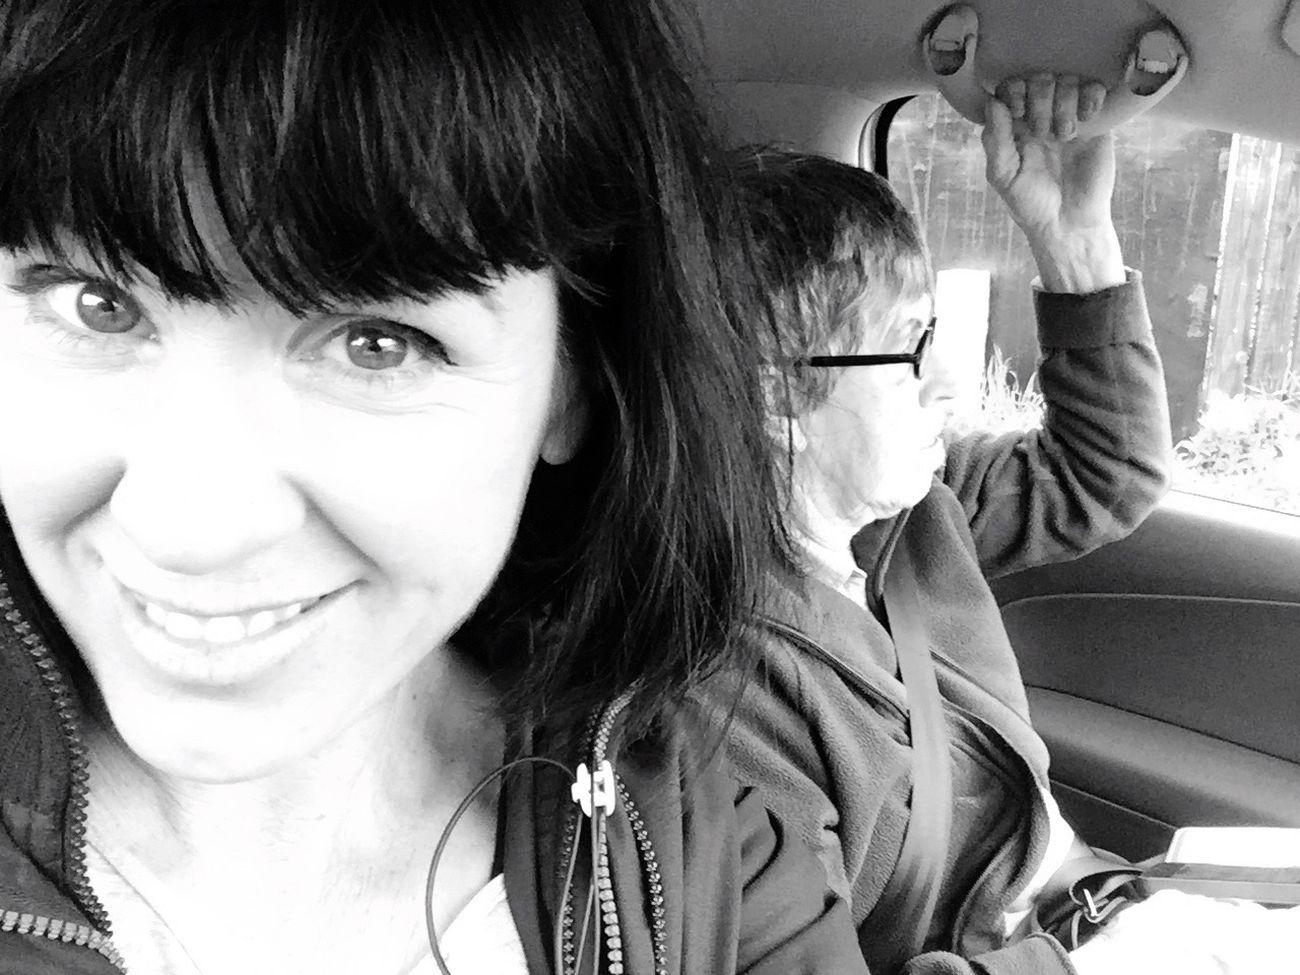 Driving the M1 Jesushandle ThatsMe IPhone Photography Uk Travel Buddy Wolfe Does UK